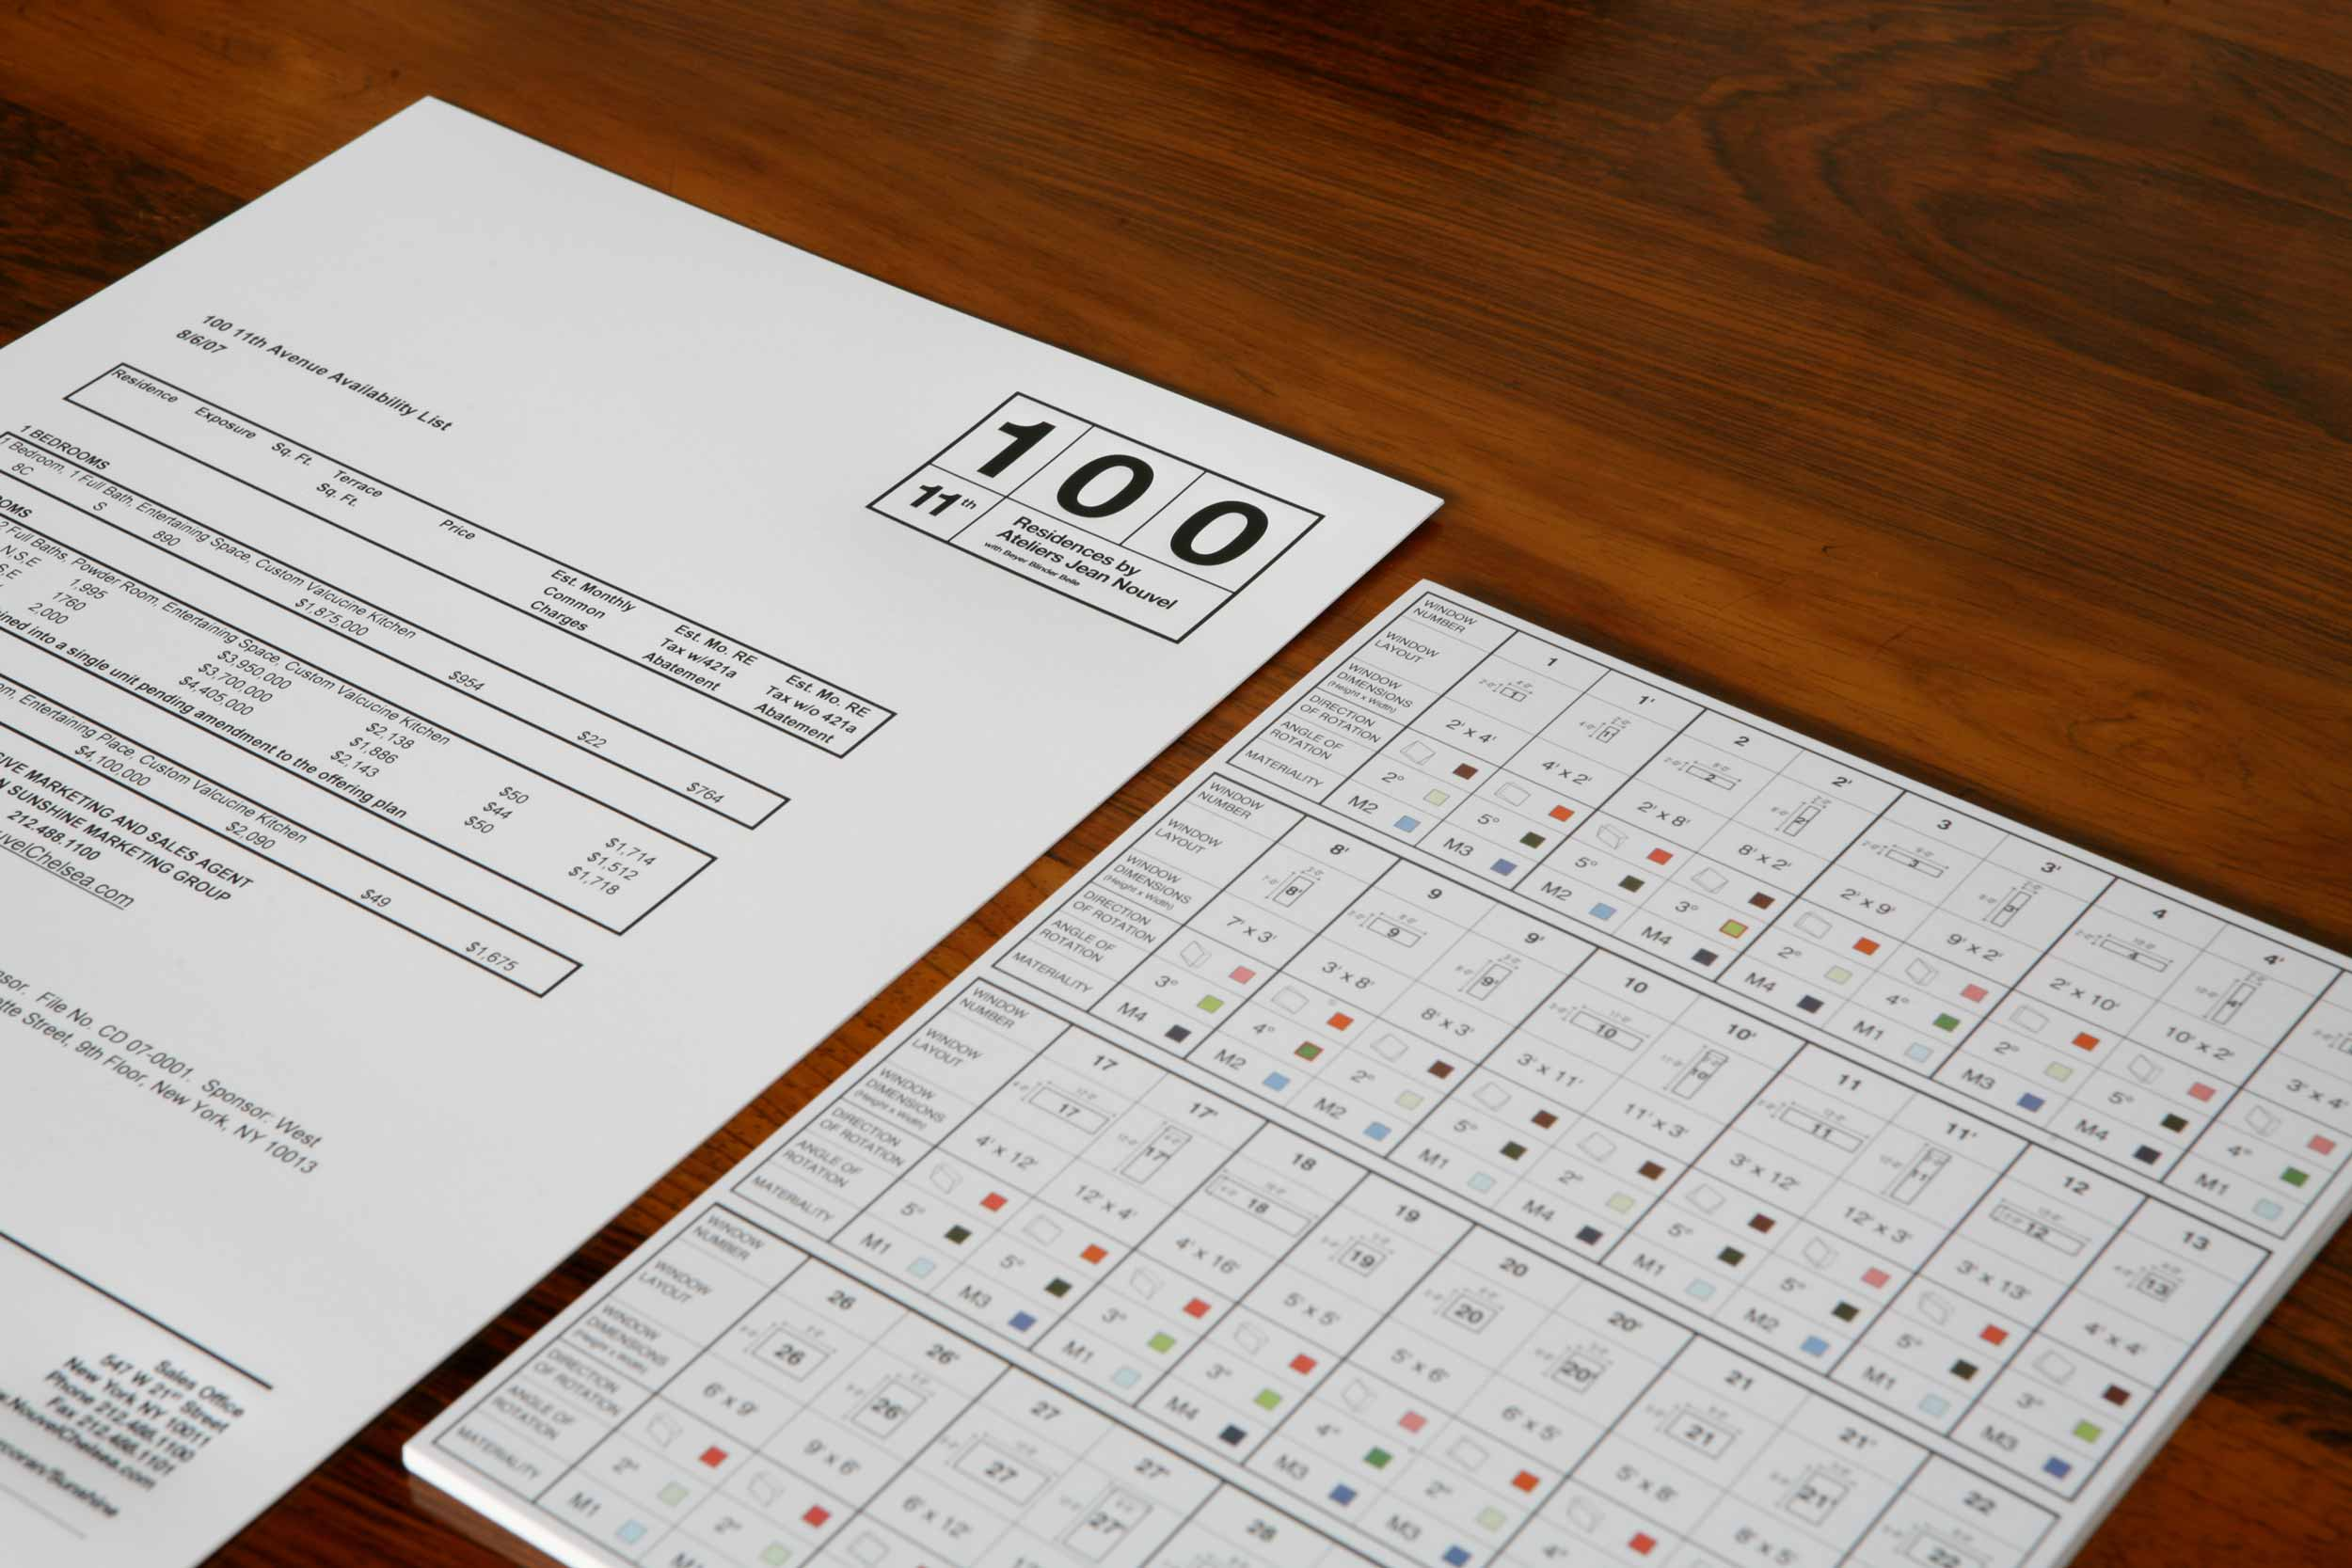 100-11-stationery-2500x1667